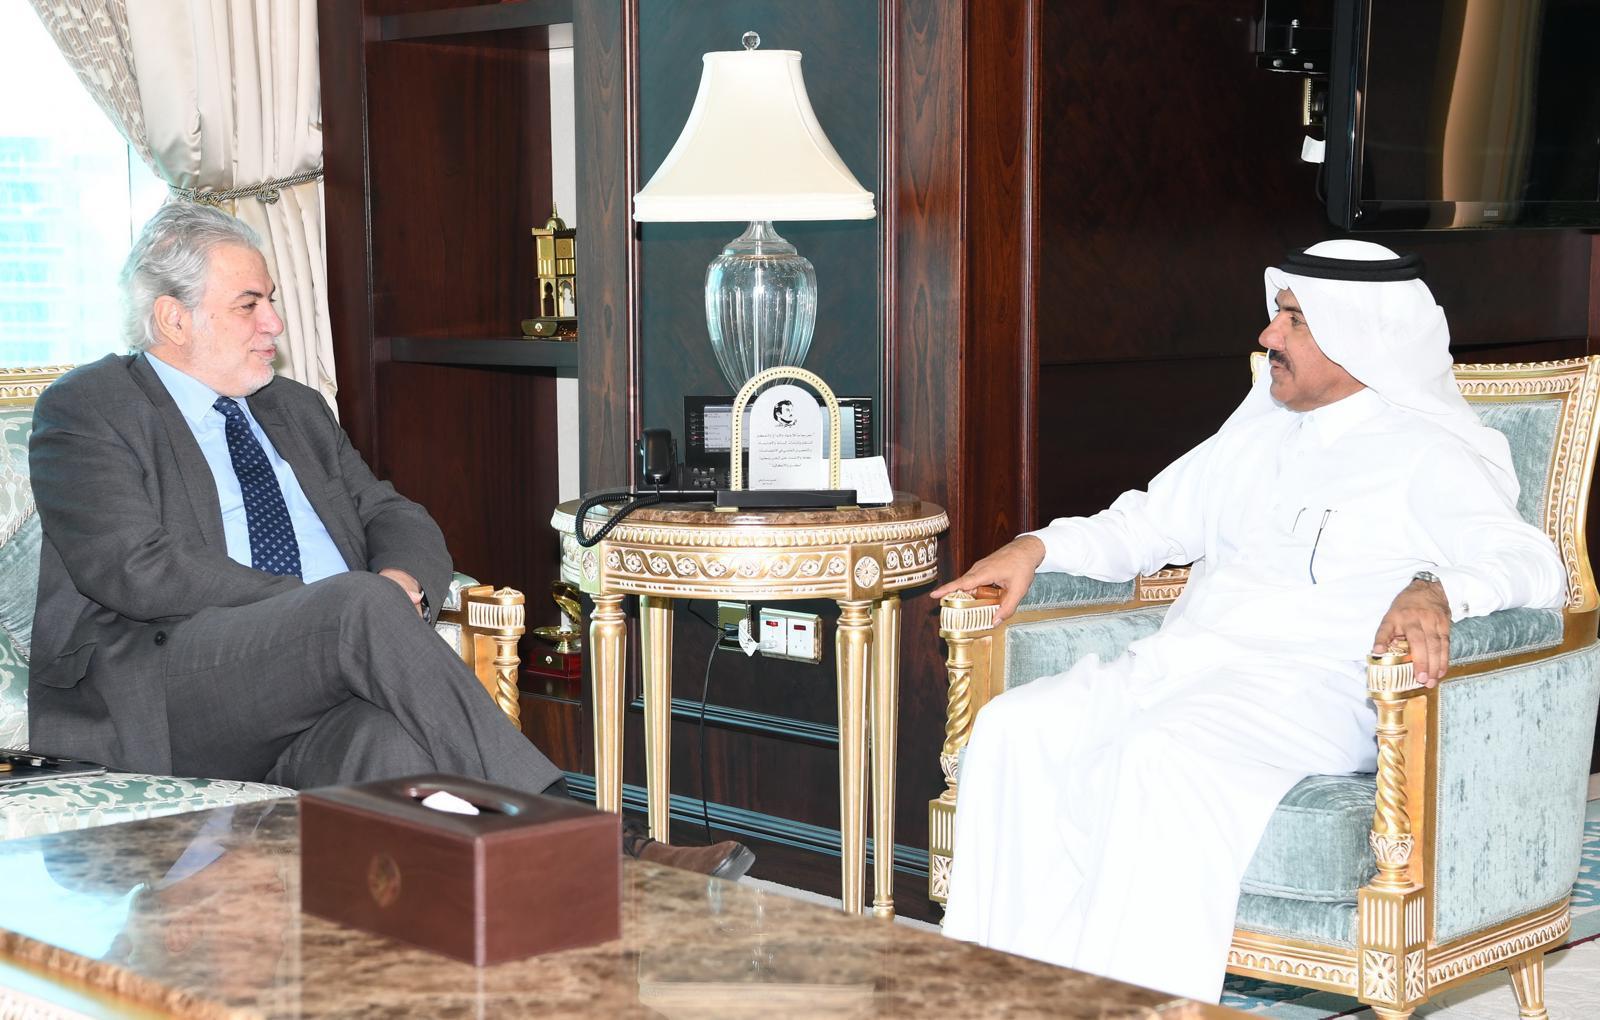 الأمين العام لوزارة الخارجية يجتمع مع مفوّض المفوضية الأوروبية للمساعدات الإنسانيّة وإدارة الأزمات